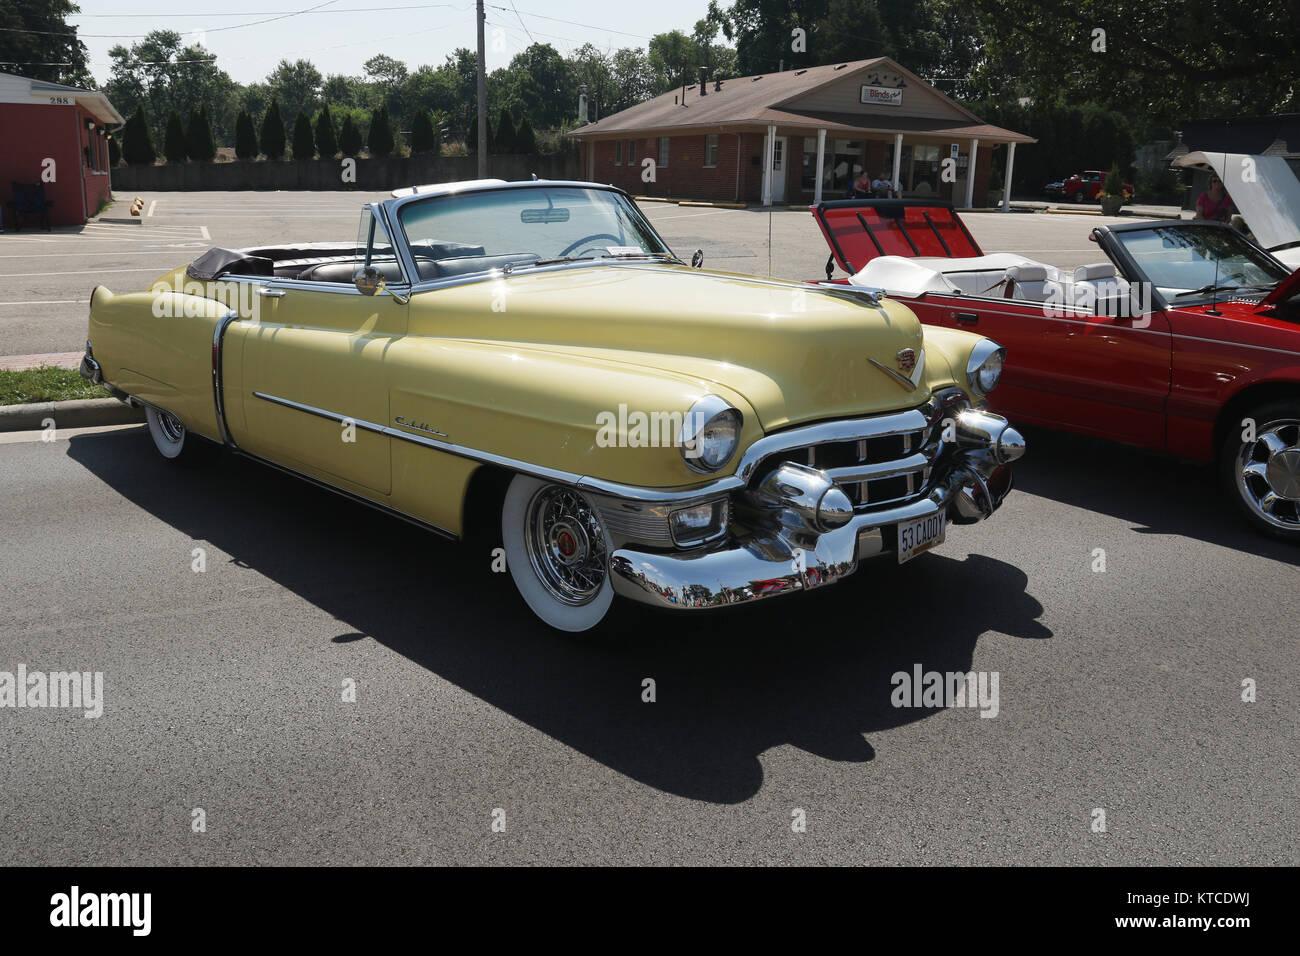 Auto 1953 Cadillac Convertible Yellow Car Show At Centerville Washington Township Americana Festival Dayton Ohio USA 53CADDY